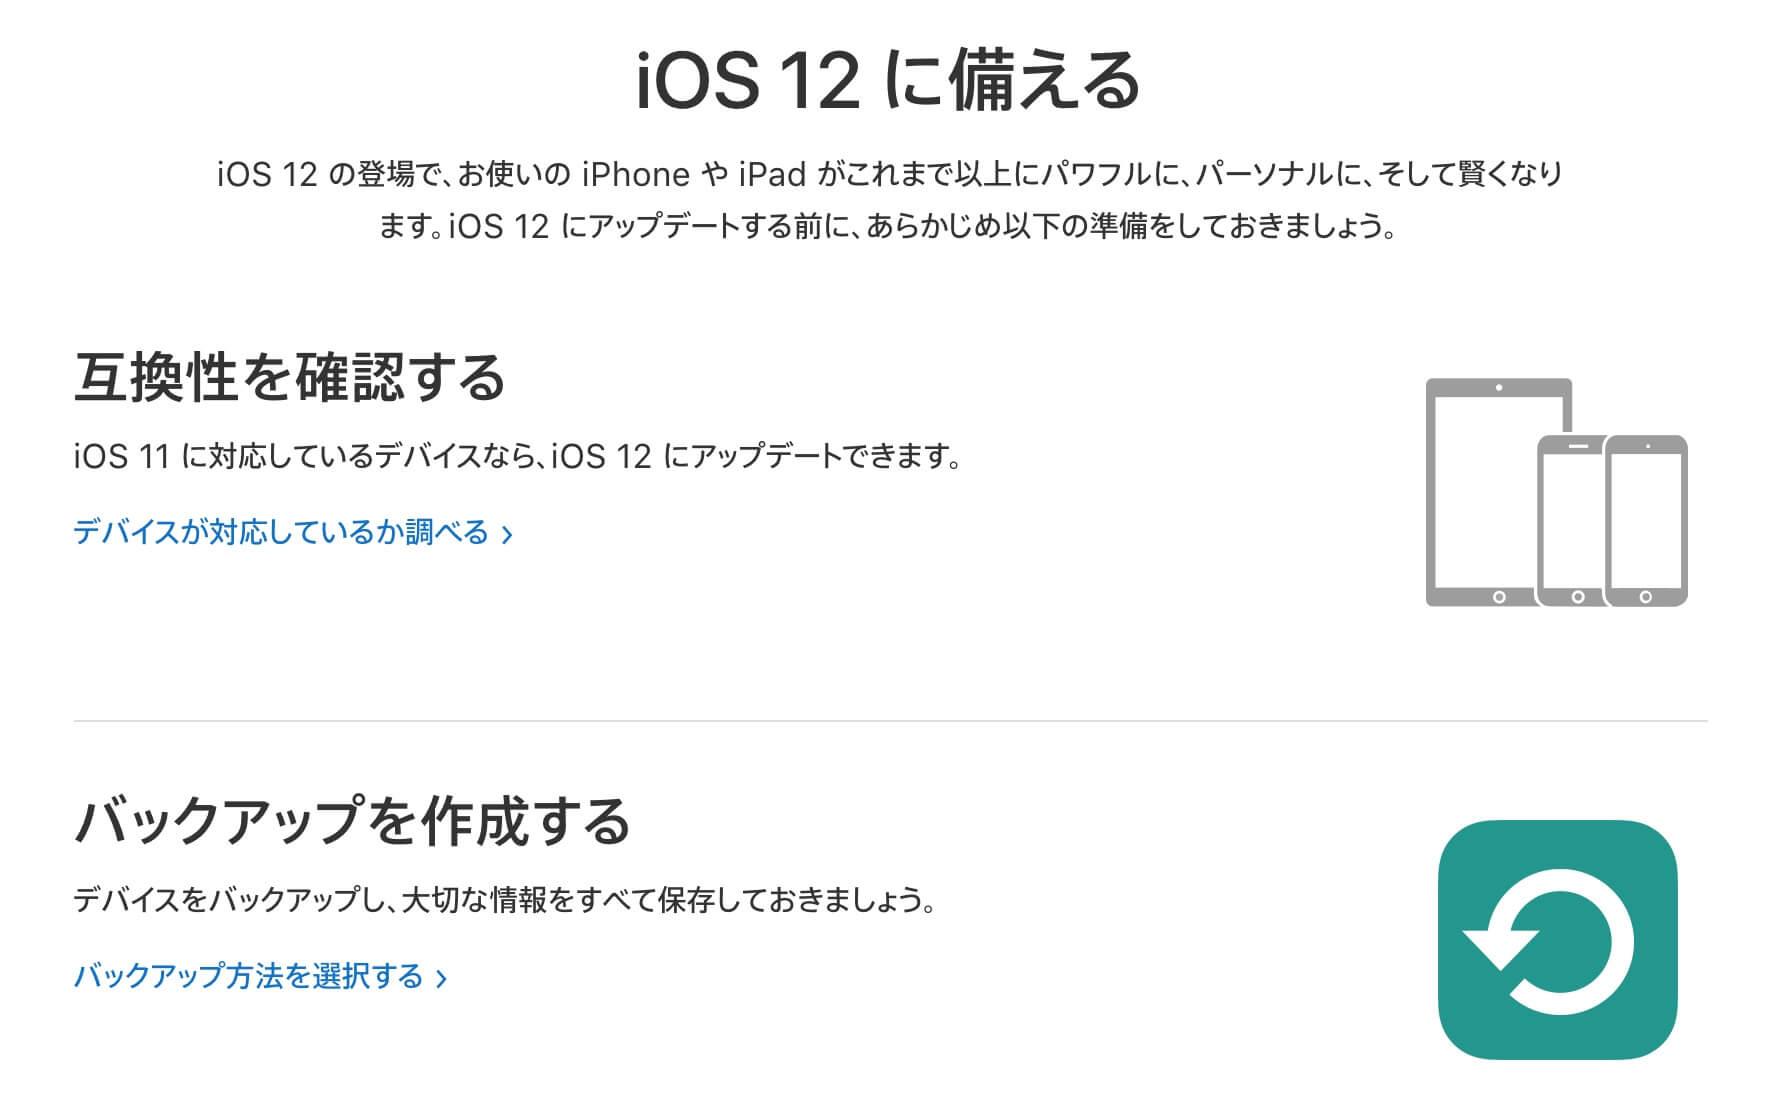 iOS 12 に備える